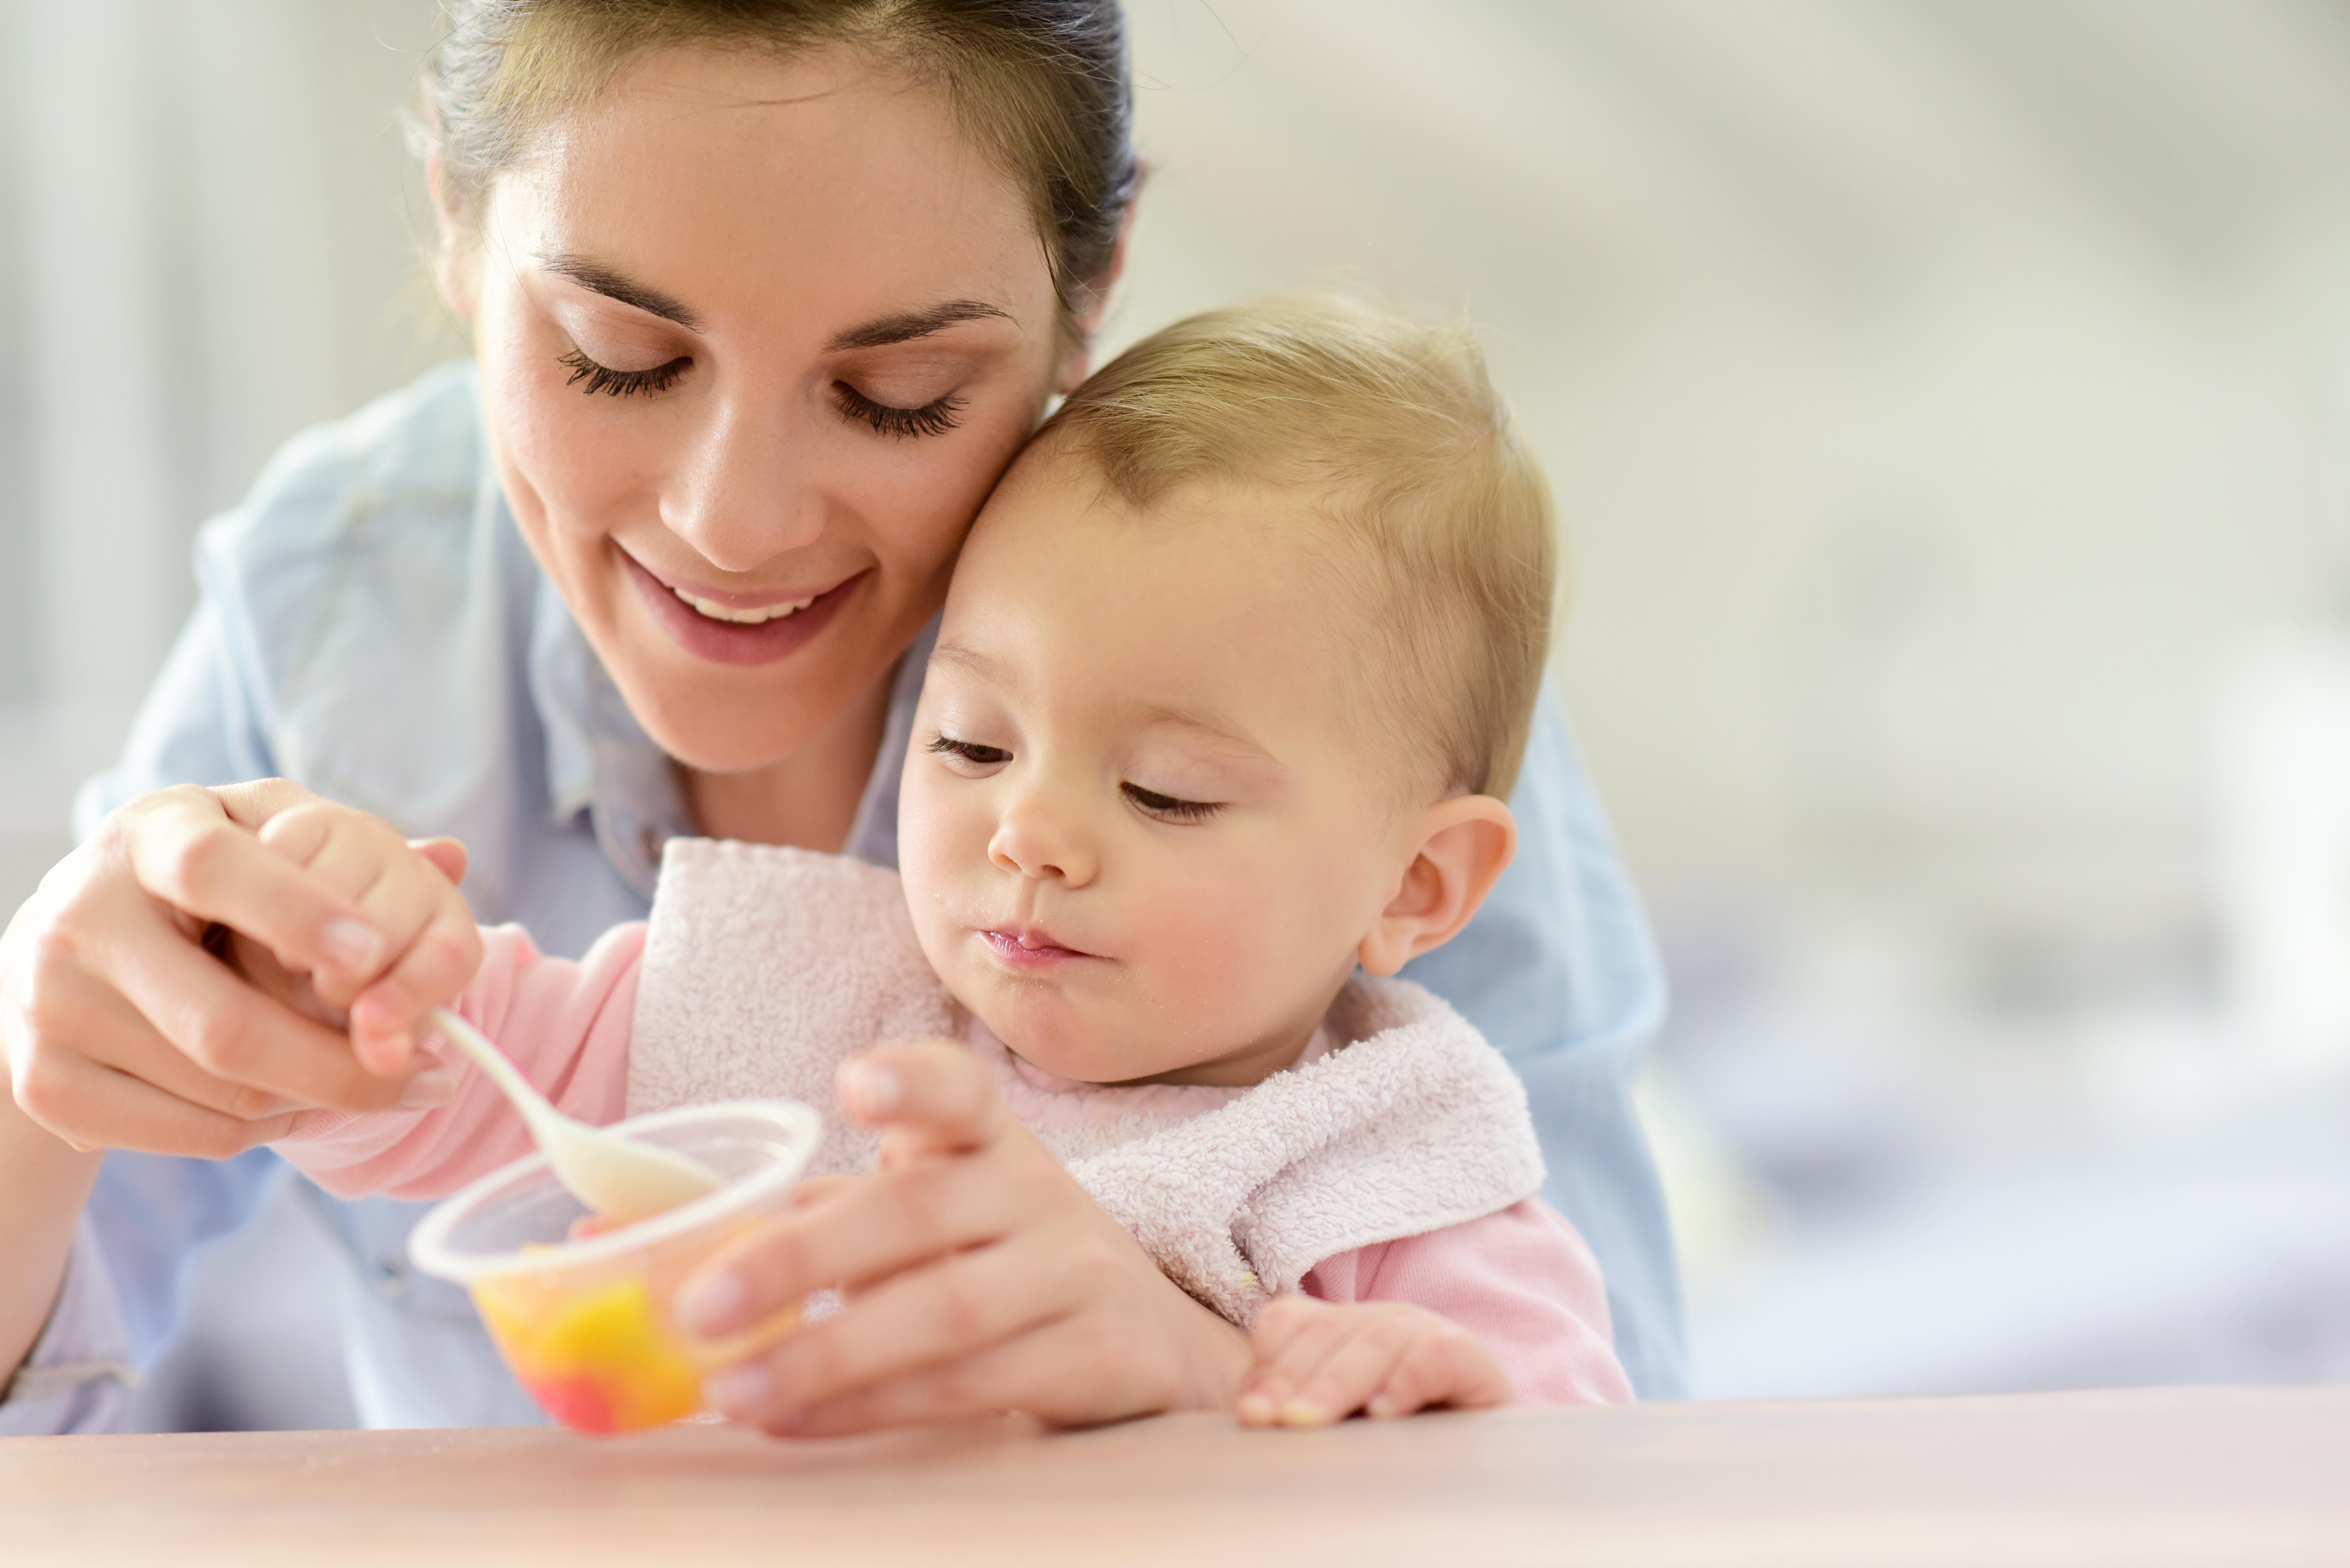 Madre dando de comer a su bebé